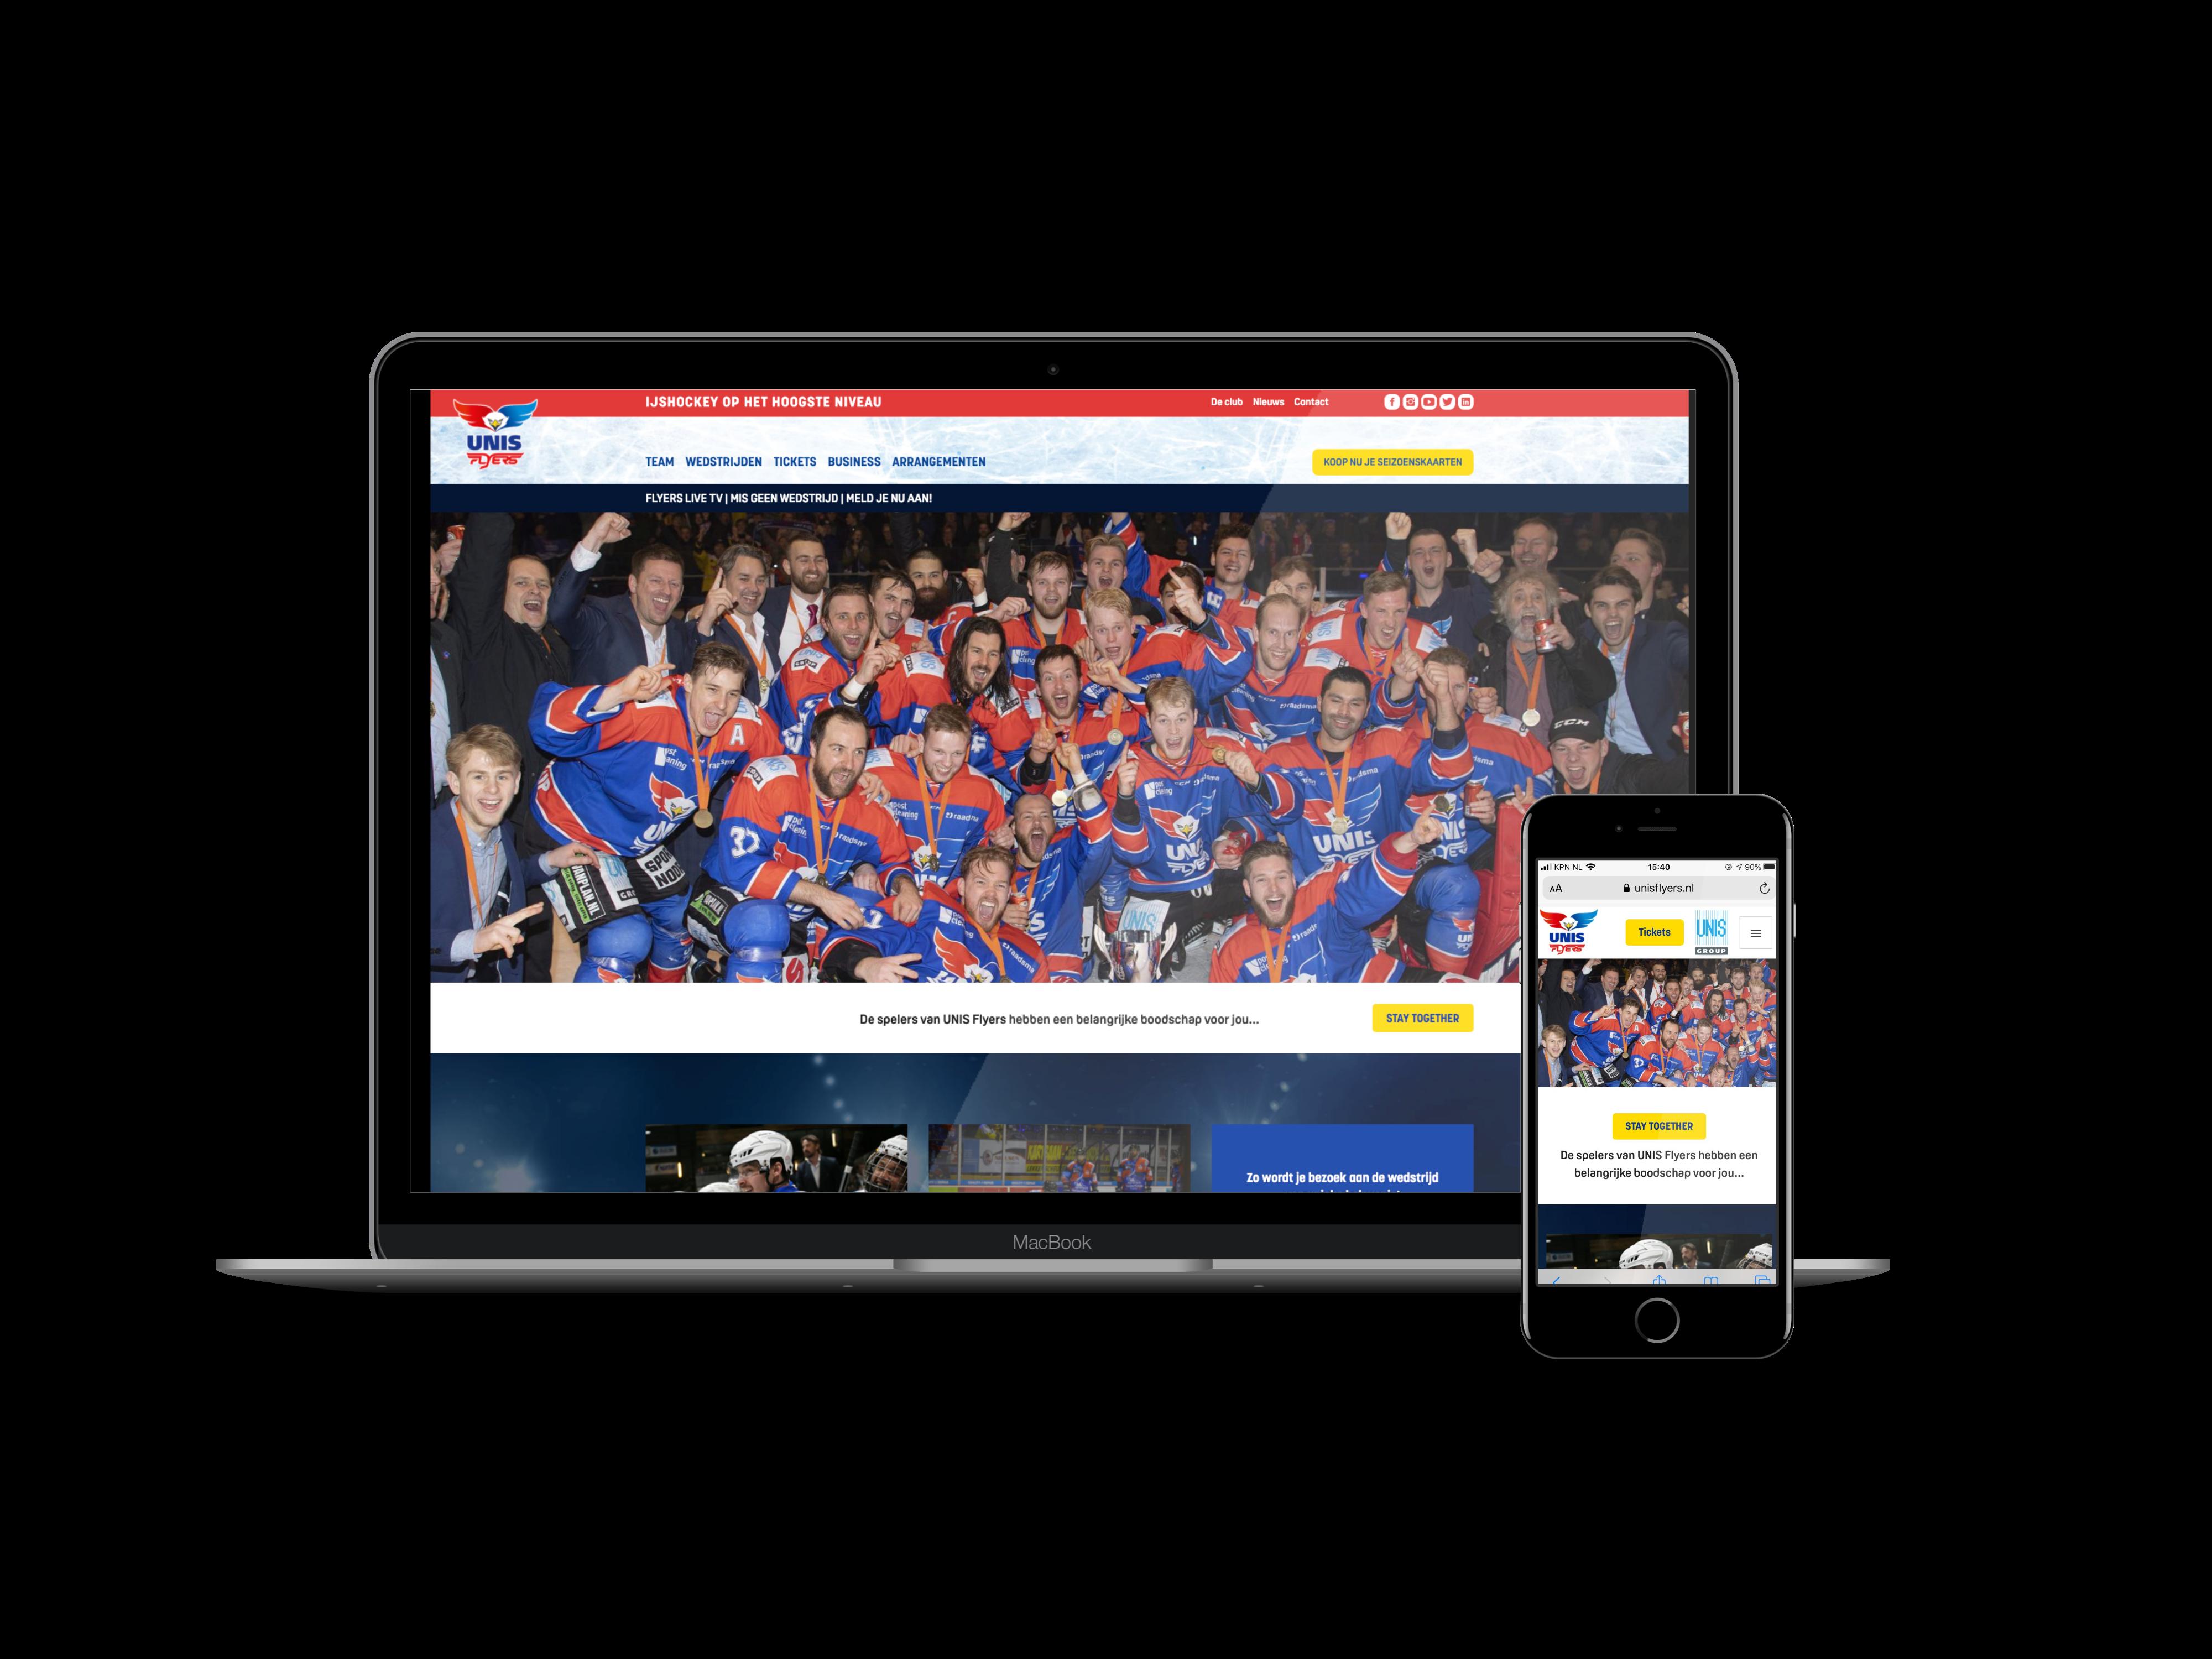 unis flyers website